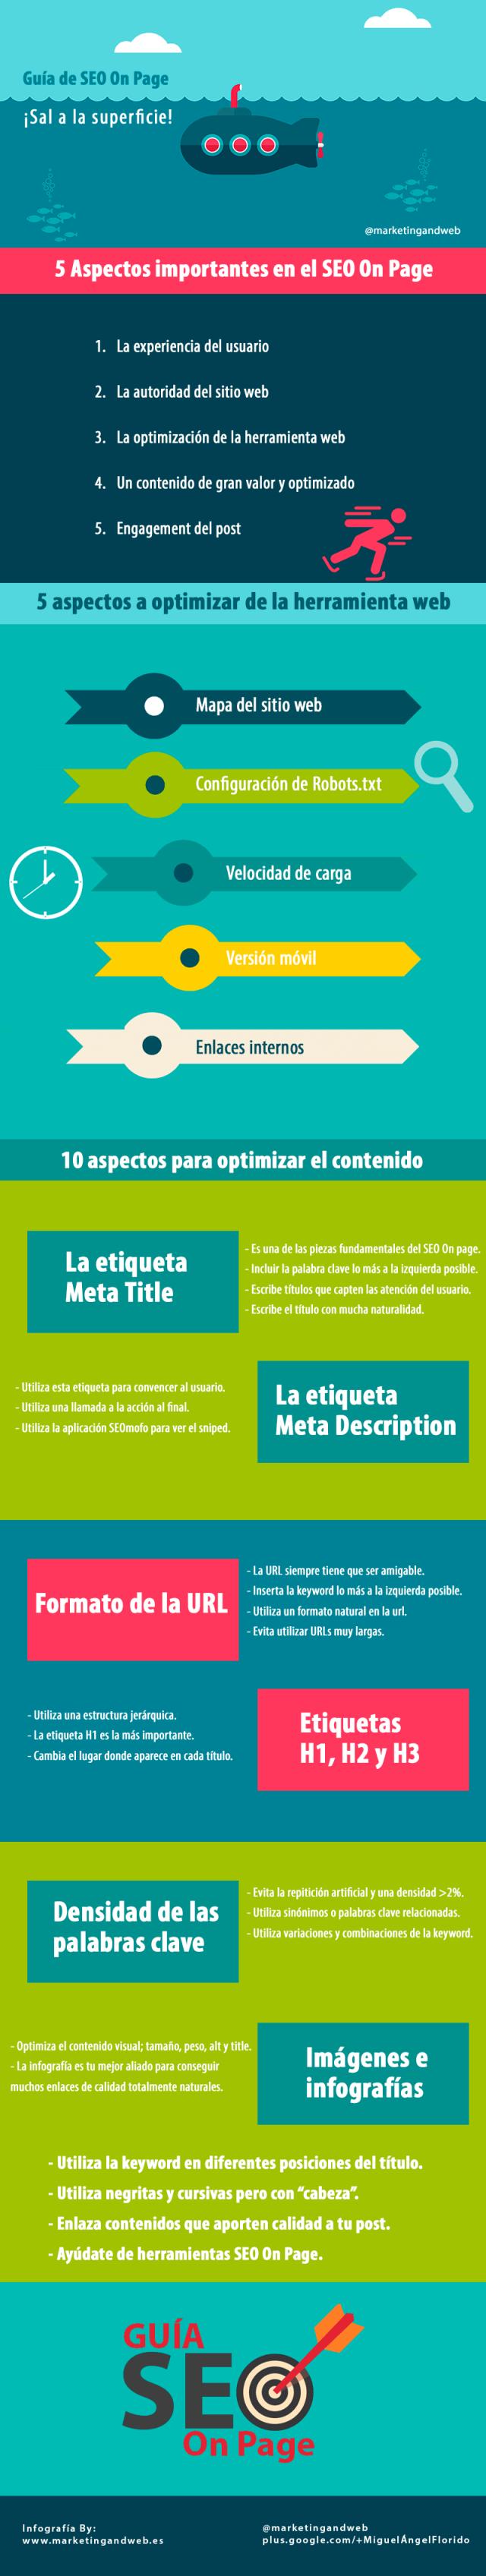 Guía de SEO on page